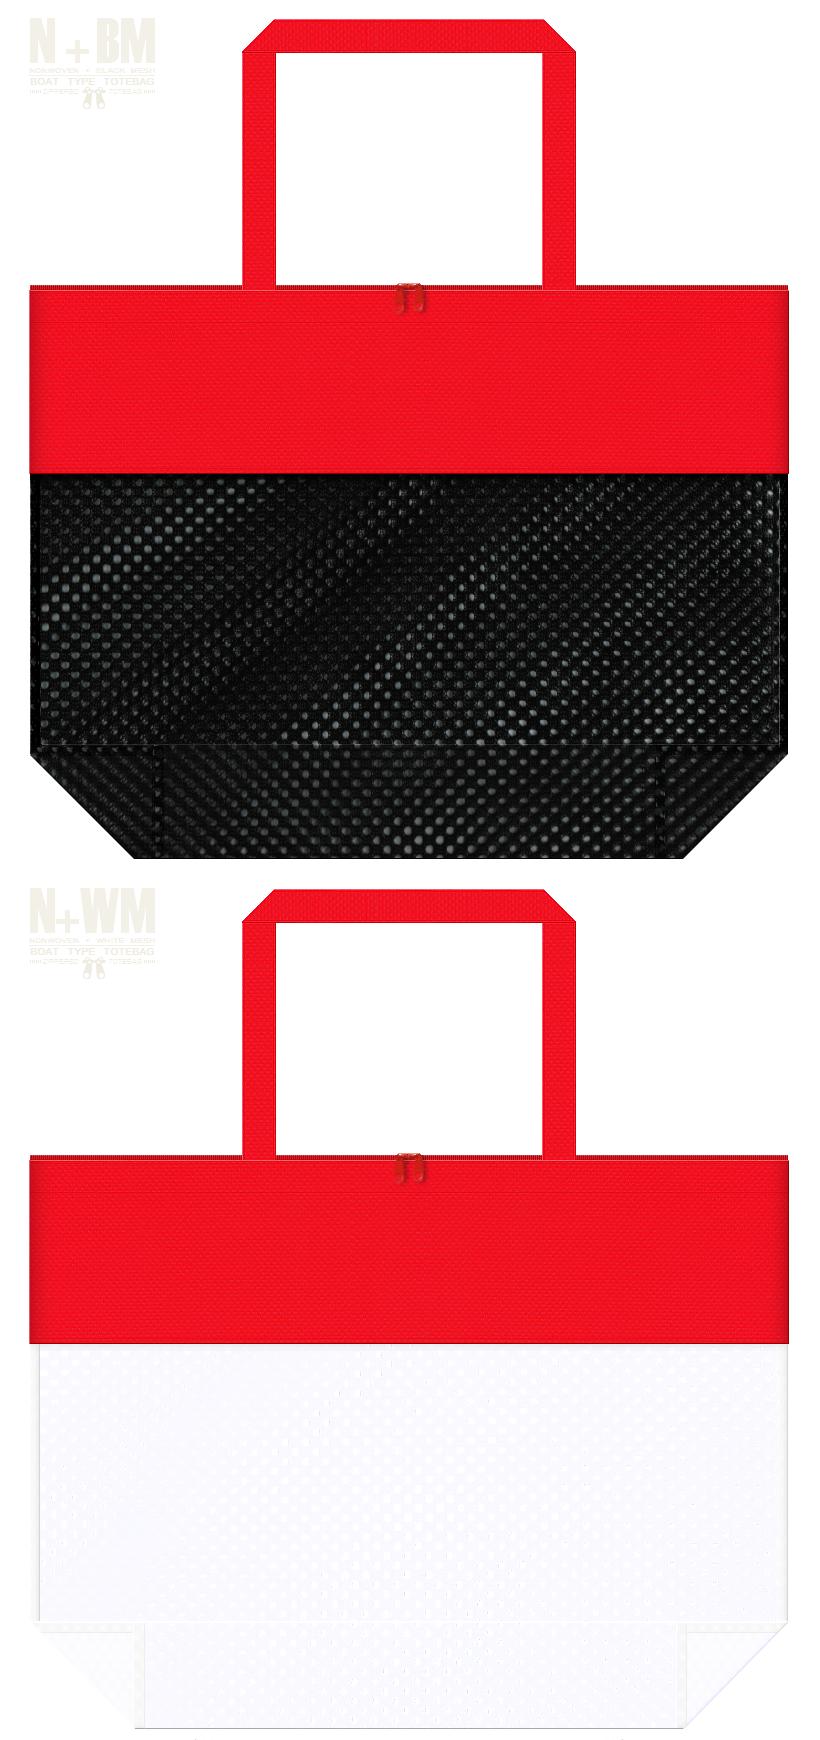 台形型メッシュバッグのカラーシミュレーション:黒色・白色メッシュと赤色不織布の組み合わせ